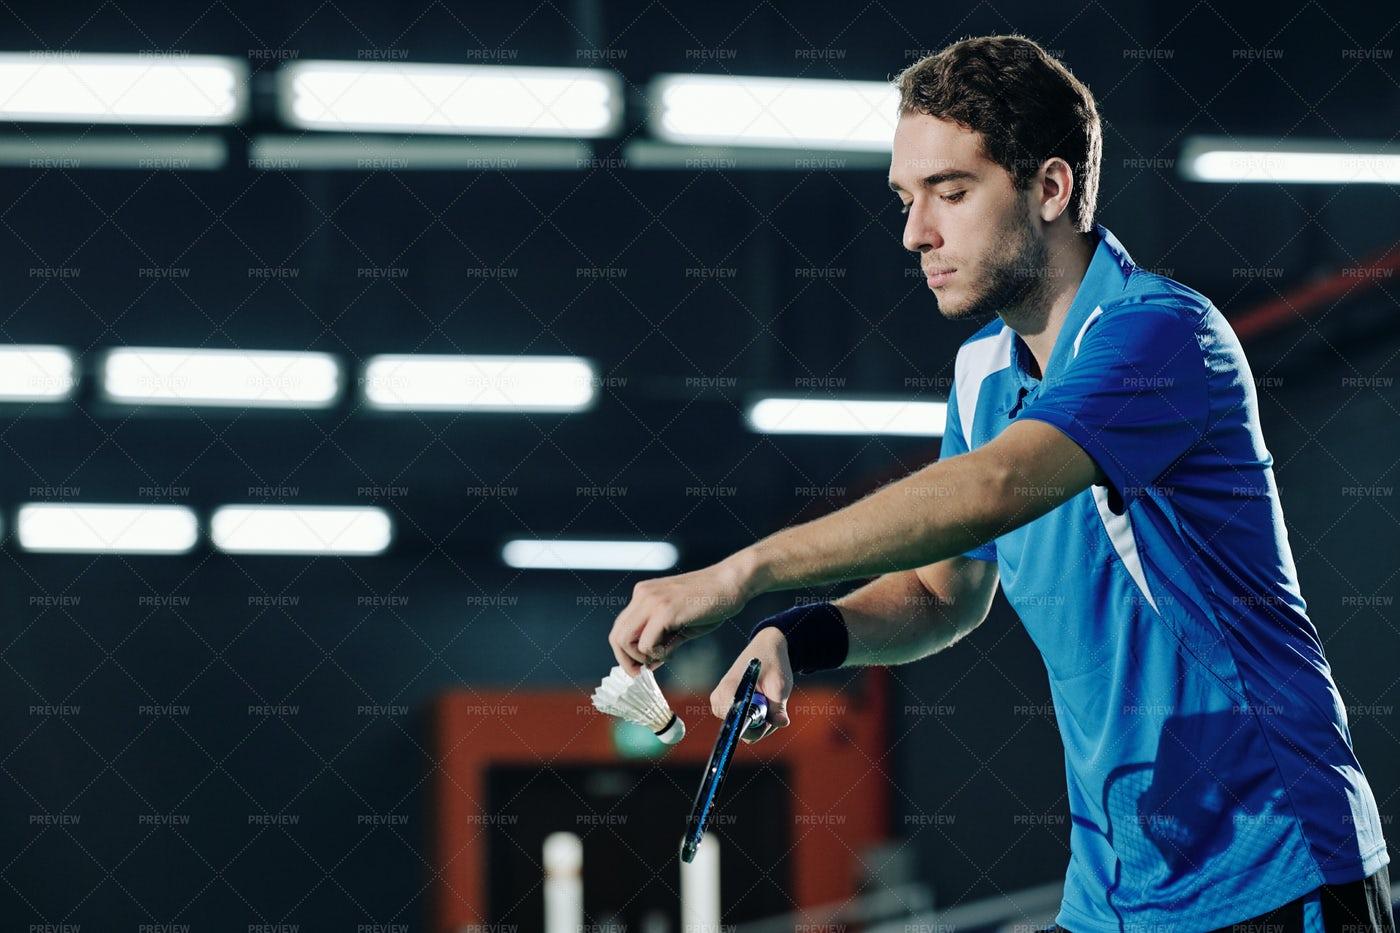 Badminton Player Serving Shuttlecock: Stock Photos